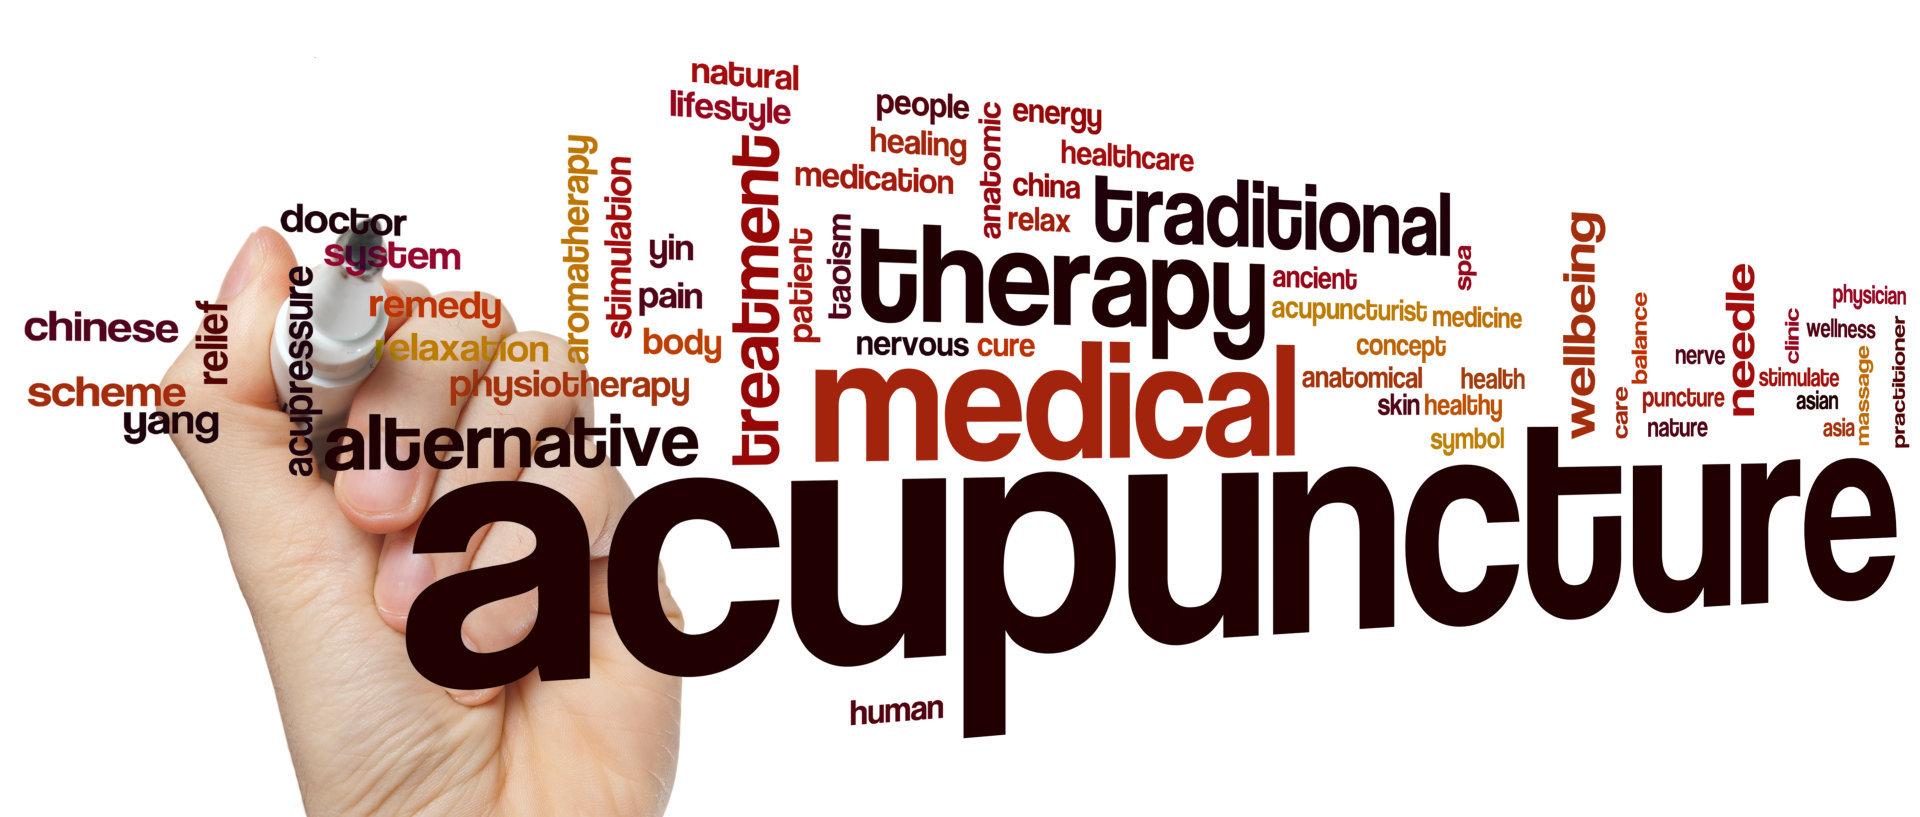 acupunture concept